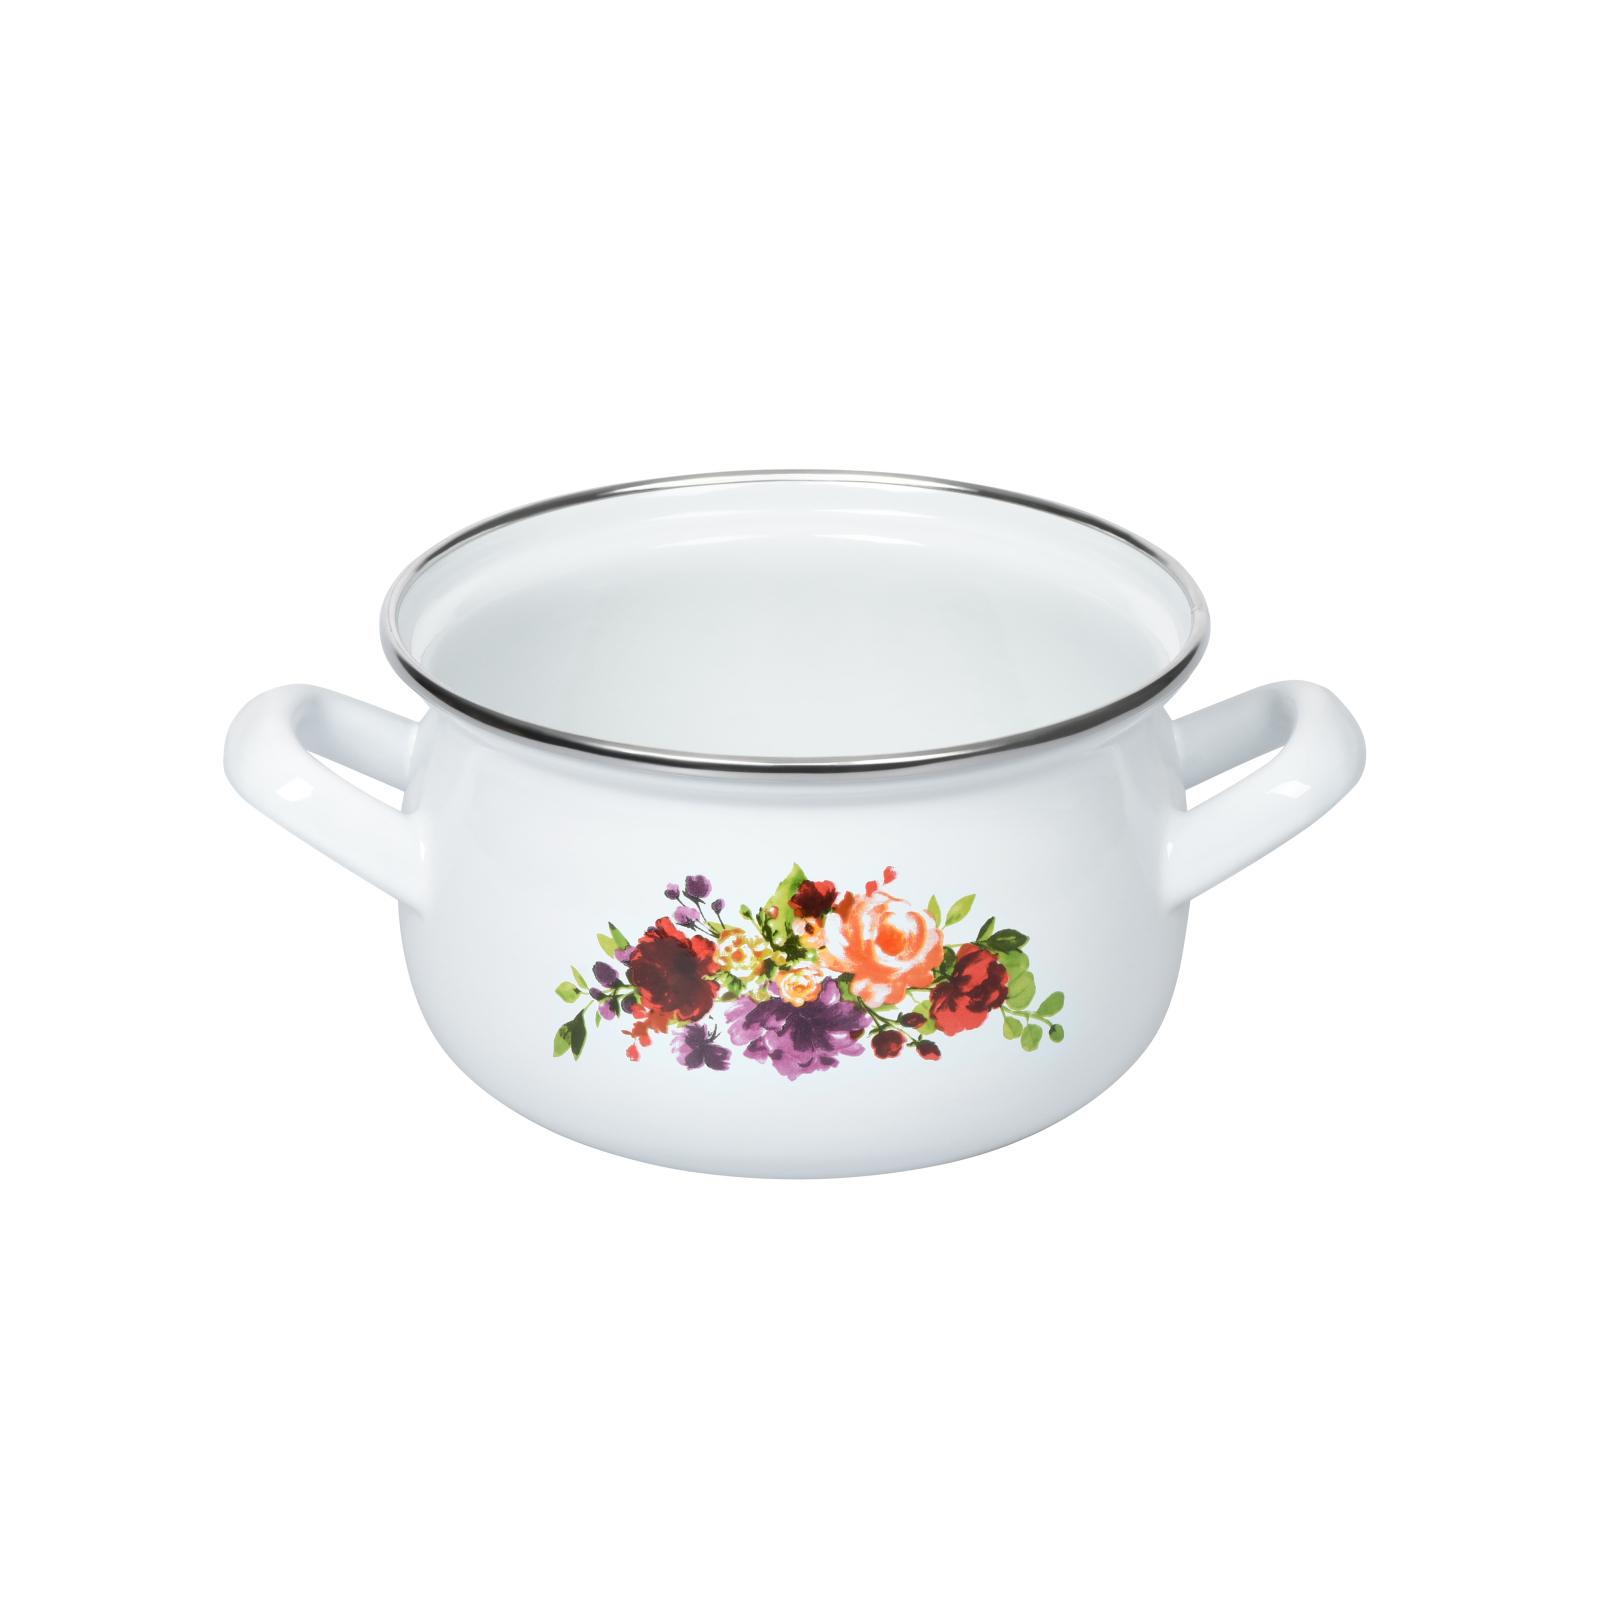 Кастрюля Ardesto Magic Flowers с крышкой 1,5 л (AR0115) изображение 2